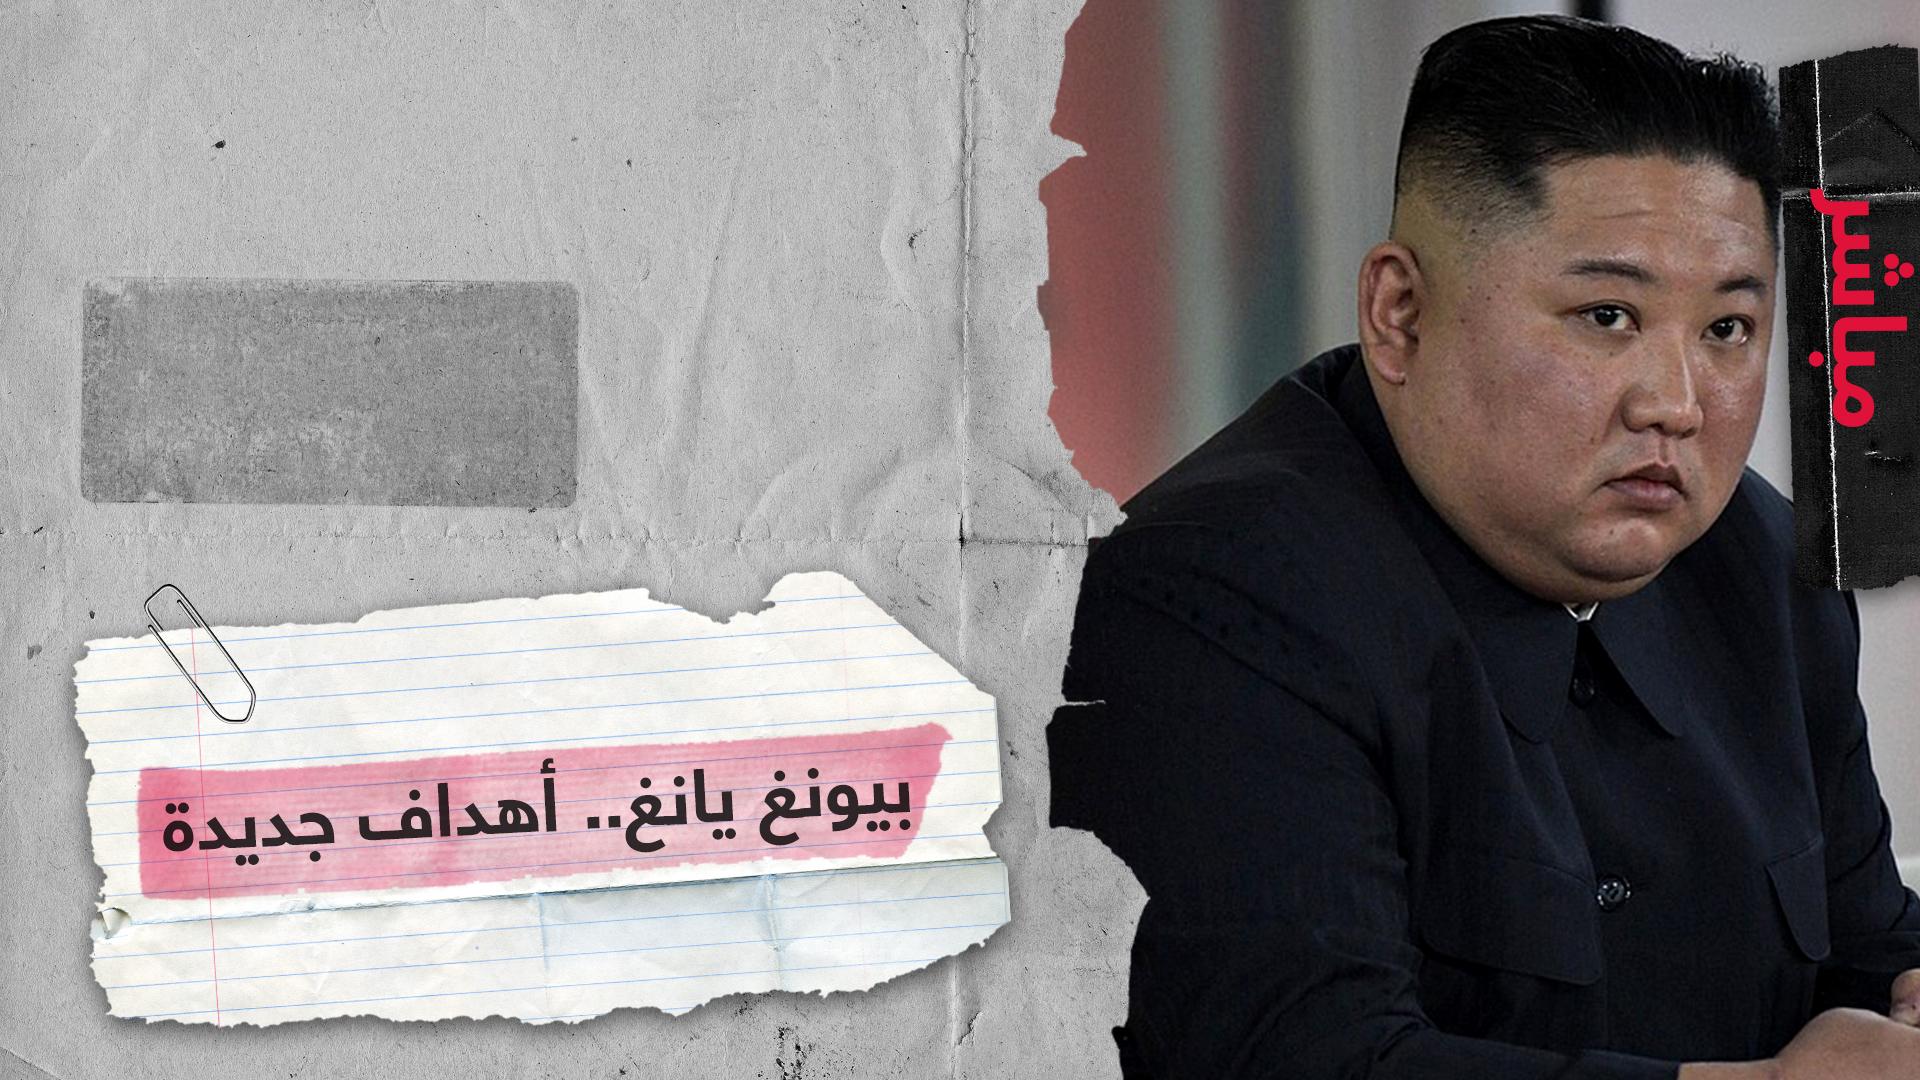 """زعيم كوريا الشمالية يترأس اجتماع لمناقشة """"السياسات الجديدة لتعزيز الردع النووي للبلاد"""""""